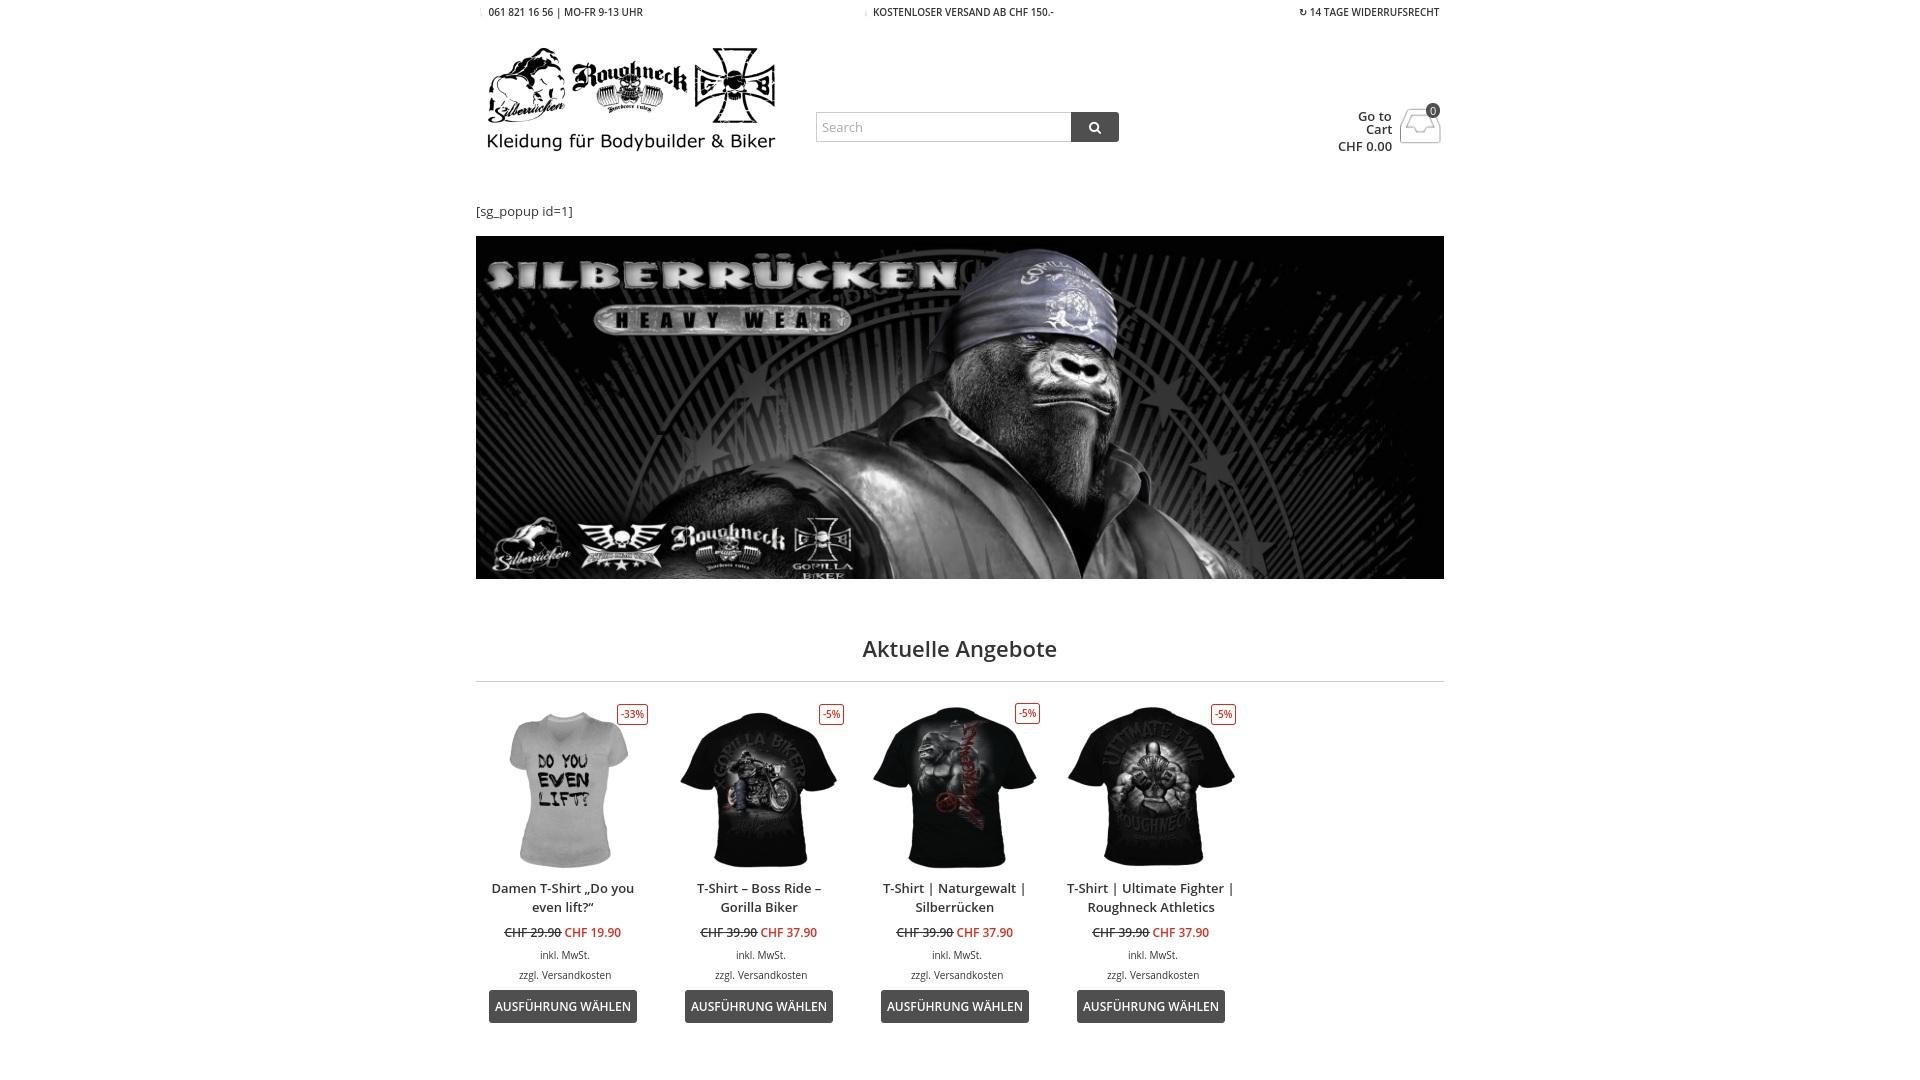 Gutschein für Gorillasportswear: Rabatte für  Gorillasportswear sichern